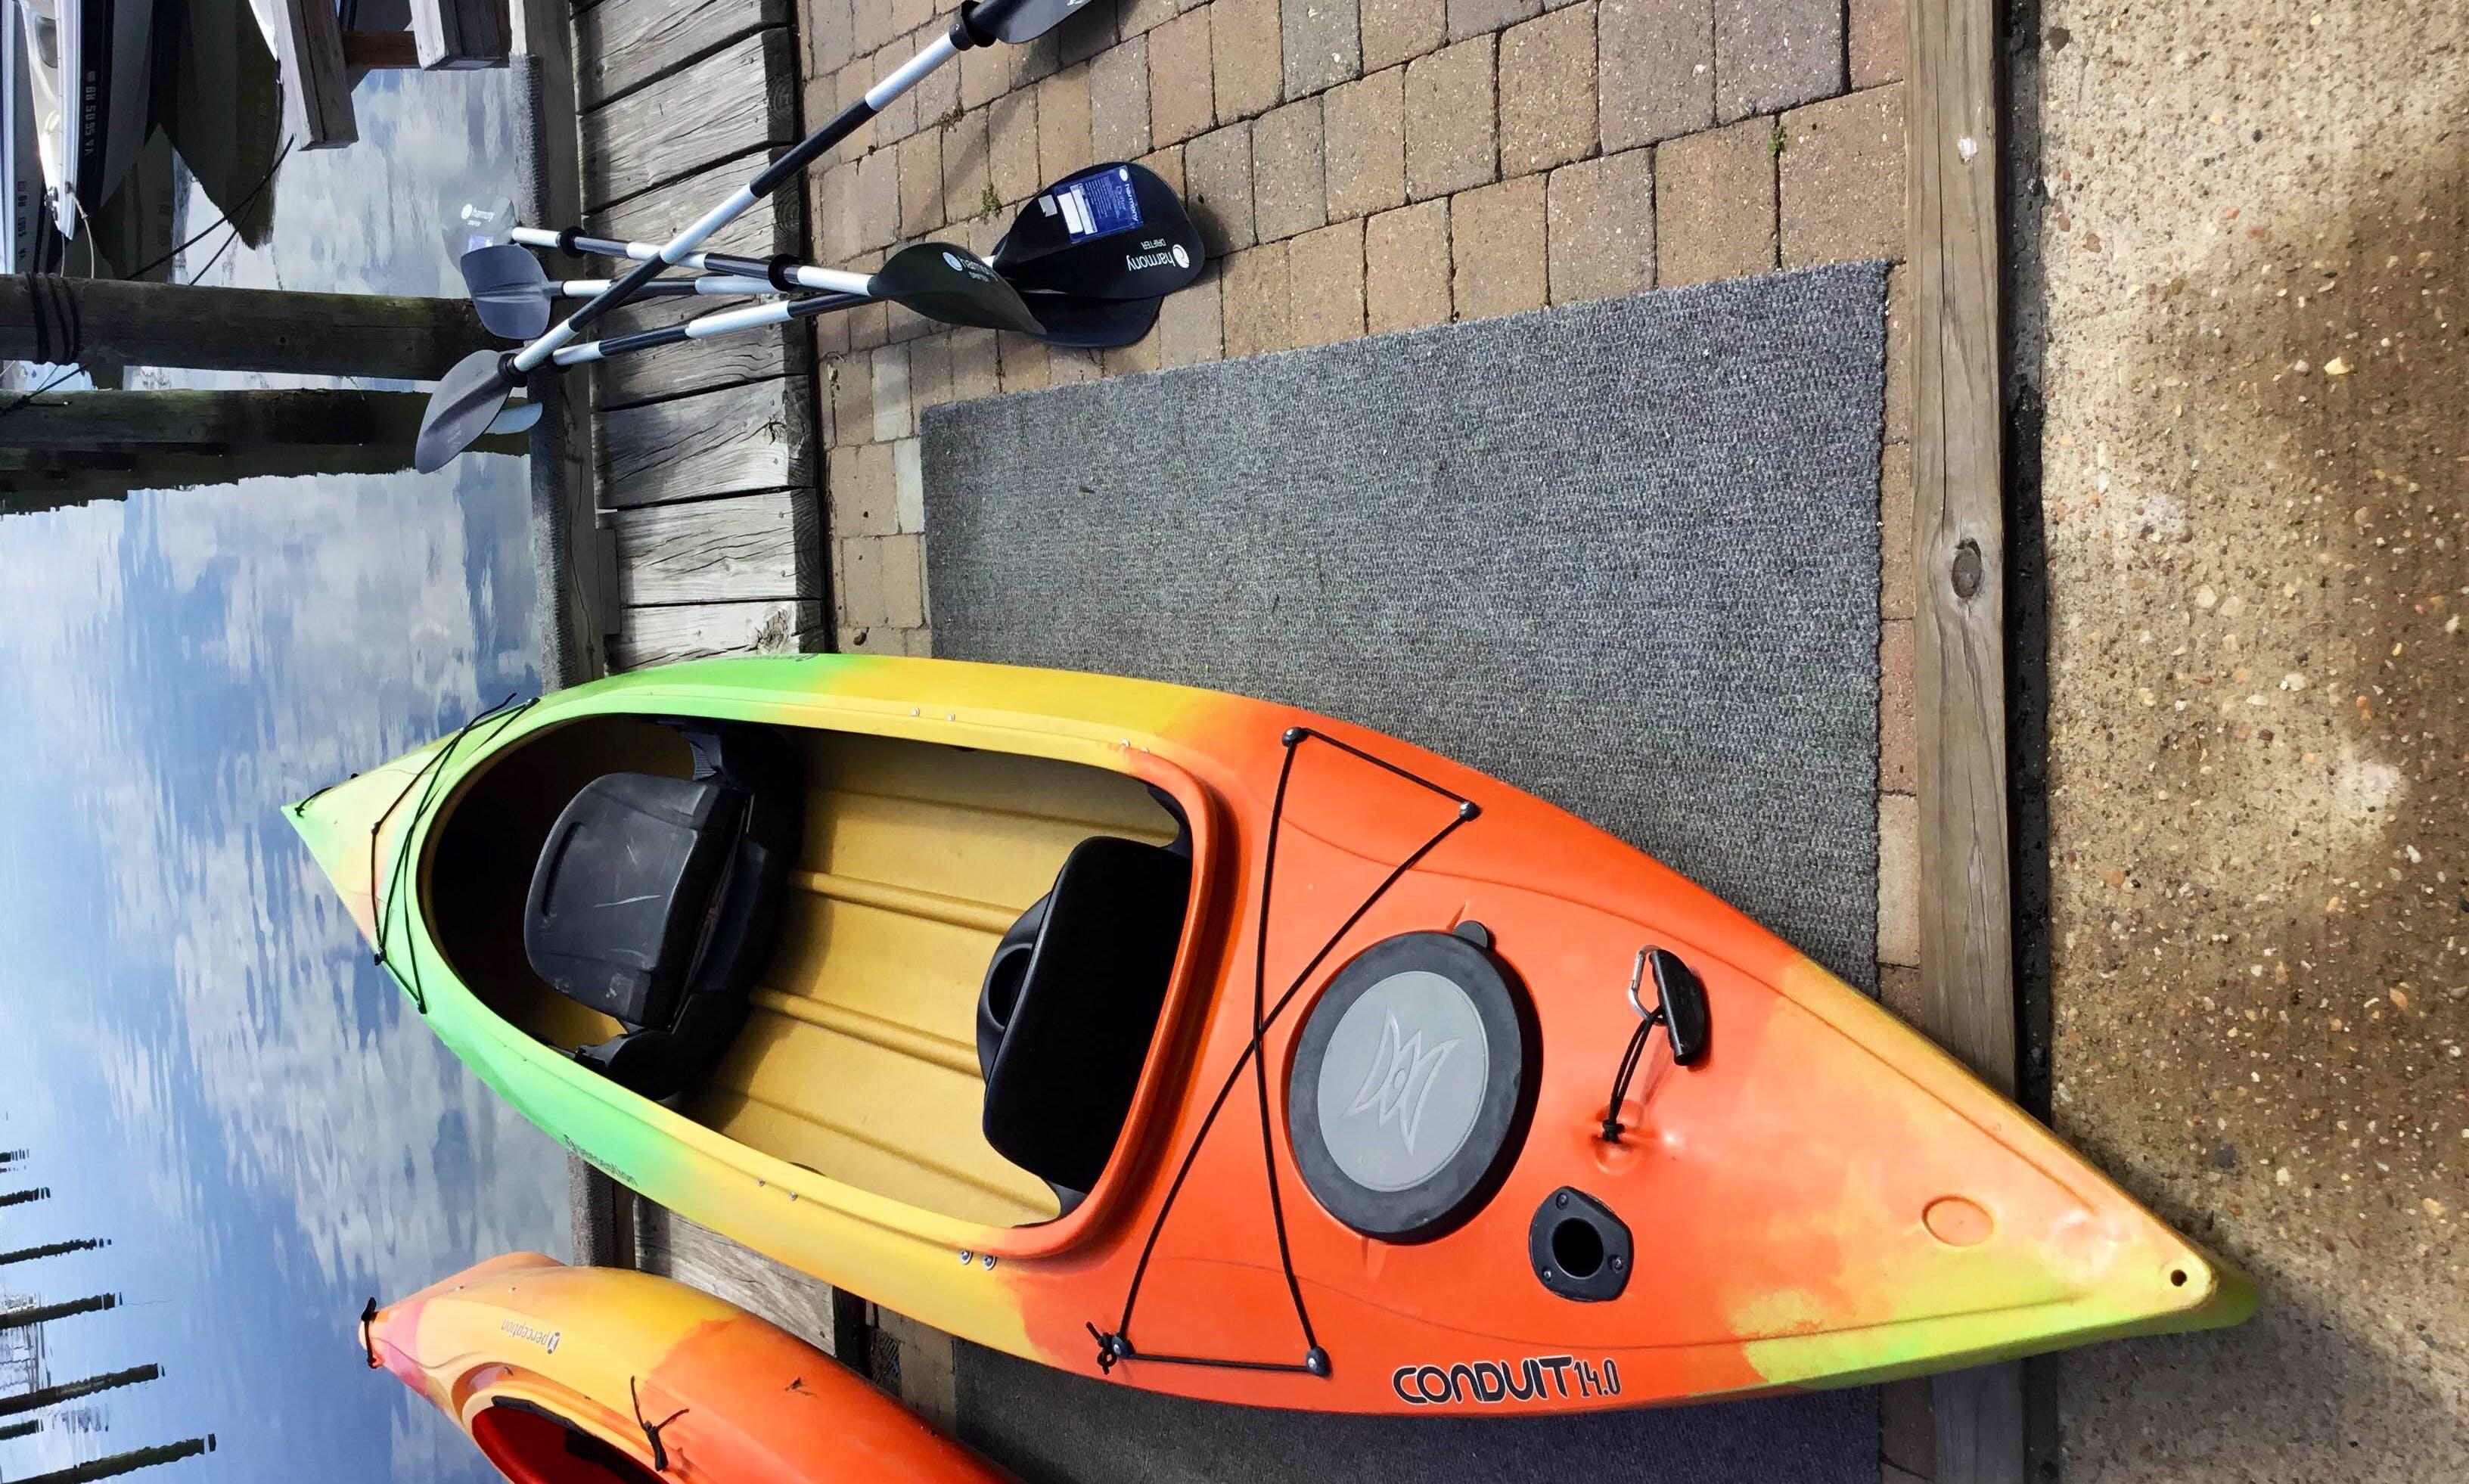 Kayak in Woodbridge, Virginia - let's paddle!